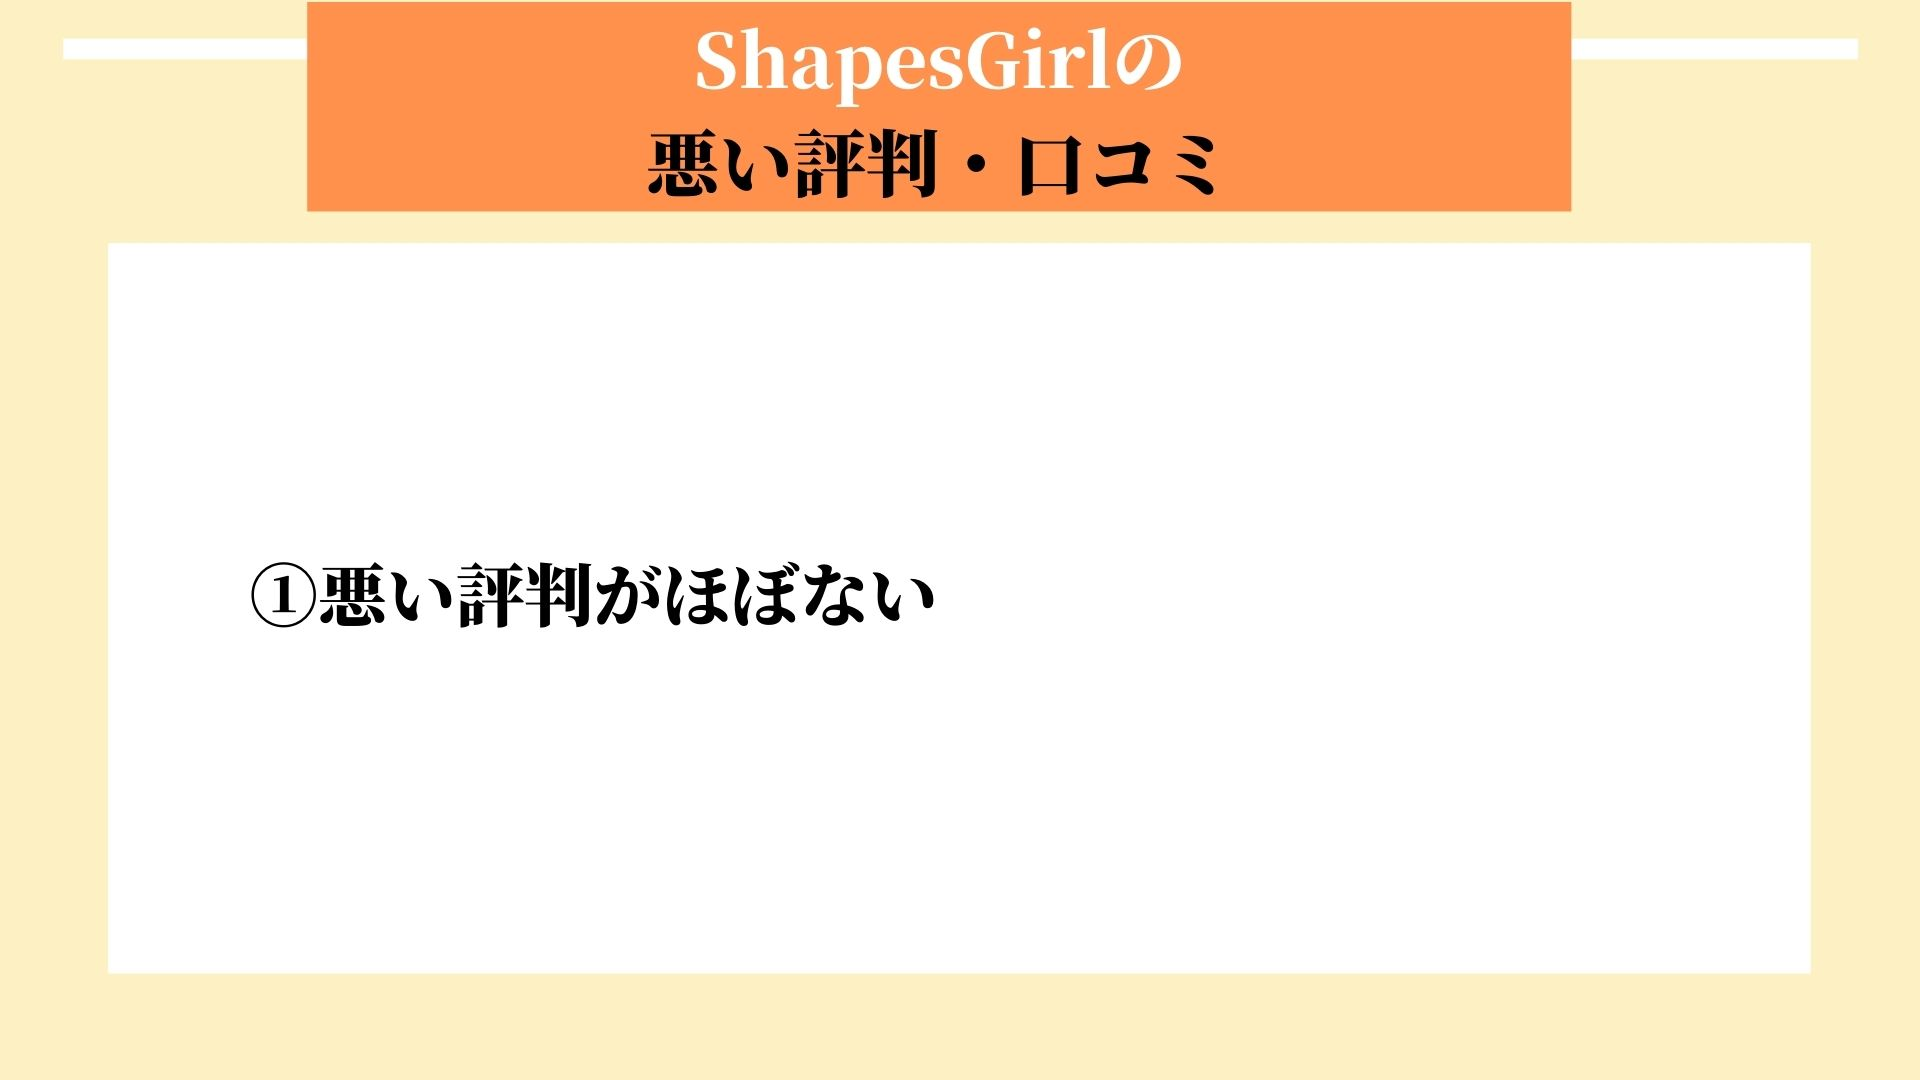 ShapesGirl 悪い評判・口コミ